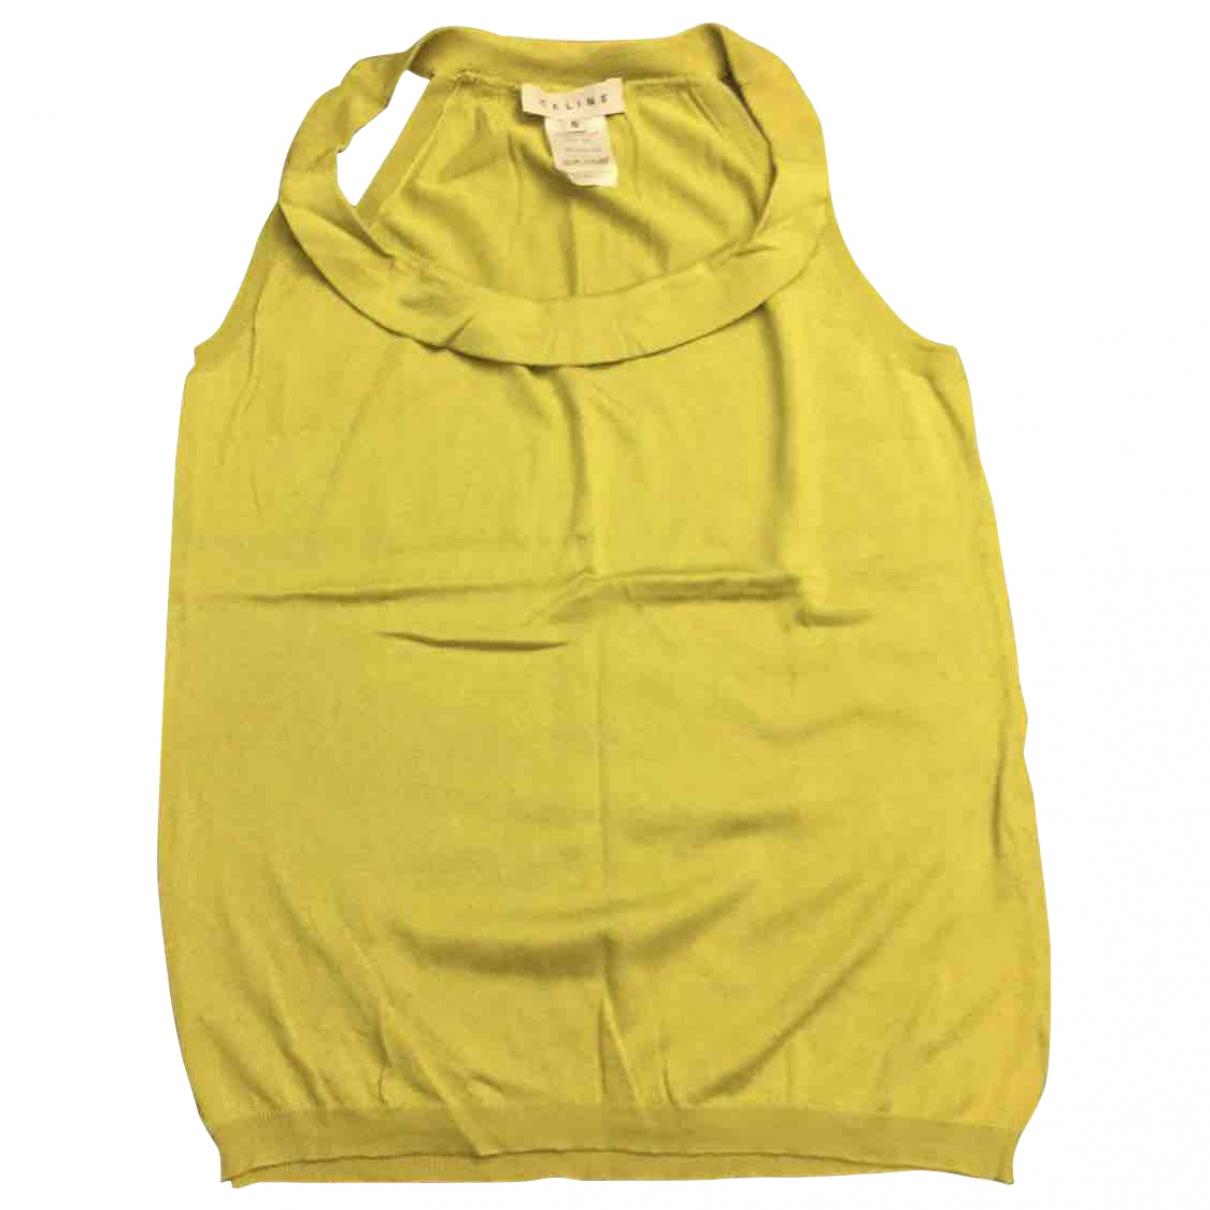 Celine \N Top in  Gelb Seide